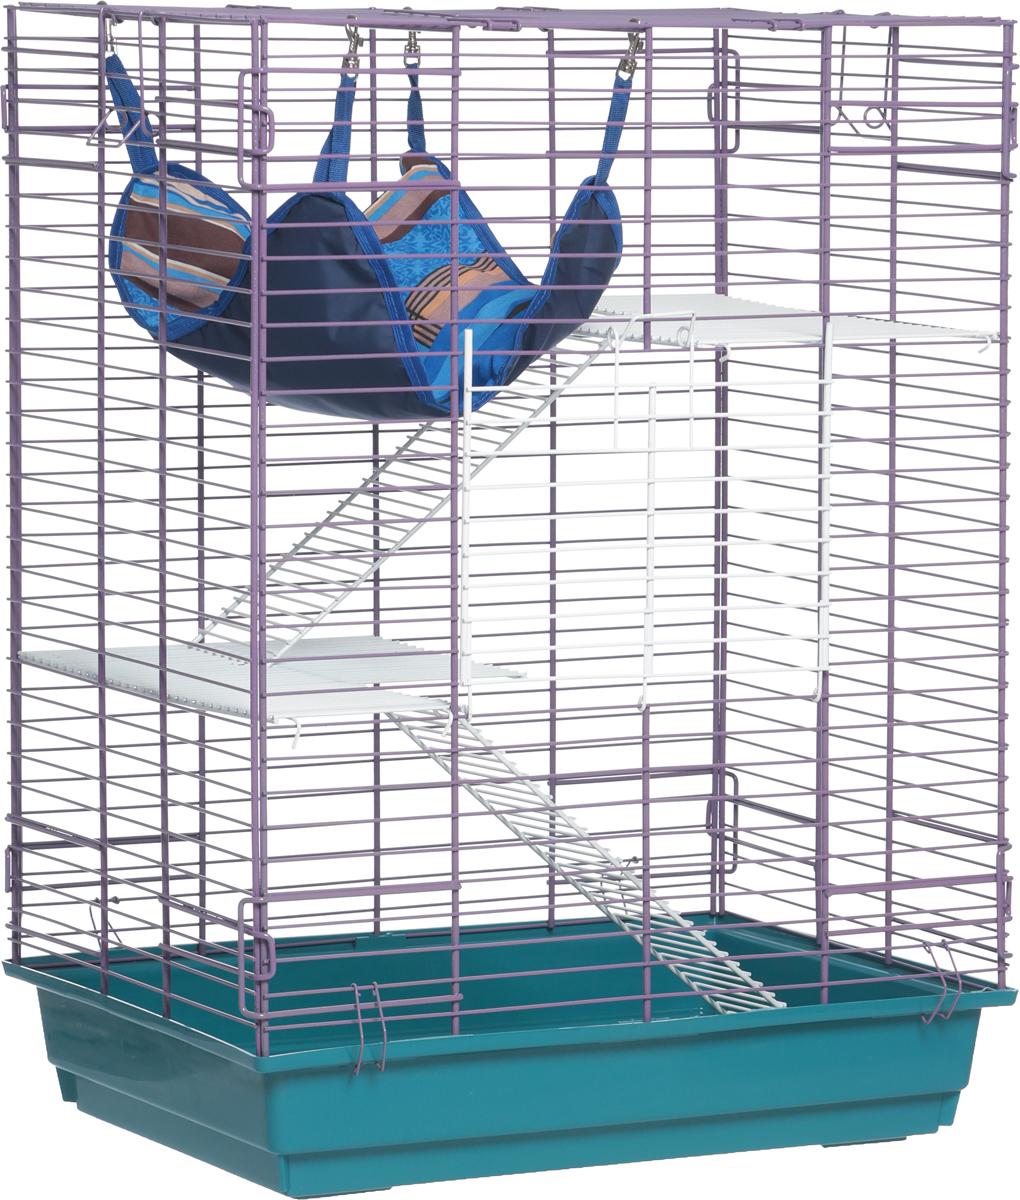 Клетка для шиншилл и хорьков ЗооМарк, цвет: зеленый поддон, фиолетовая решетка, 59 х 41 х 79 см клетка для шиншилл и хорьков зоомарк цвет синий поддон синяя решетка 59 х 41 х 79 см 725дк